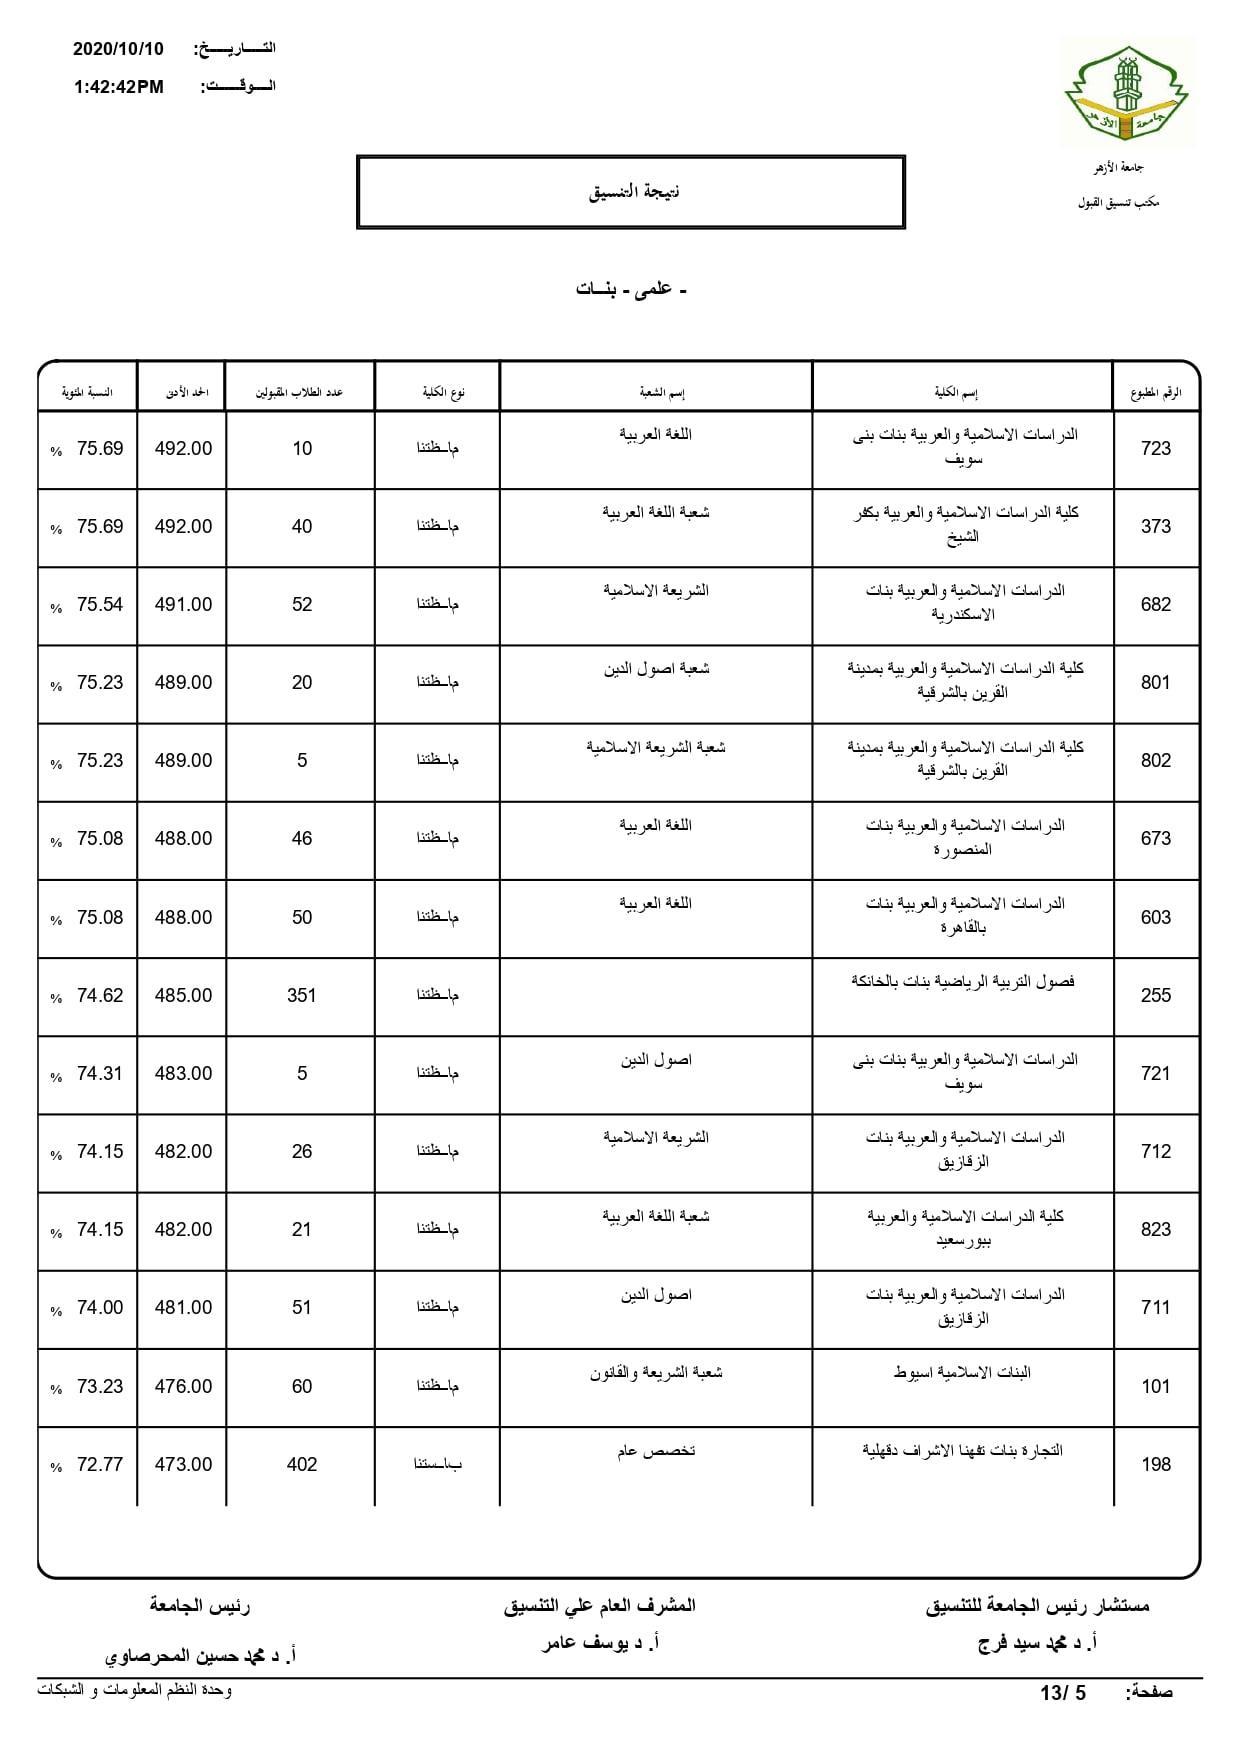 نتيجة تنسيق كليات جامعة الأزهر لعام 2020 بالكامل 20201010203325272